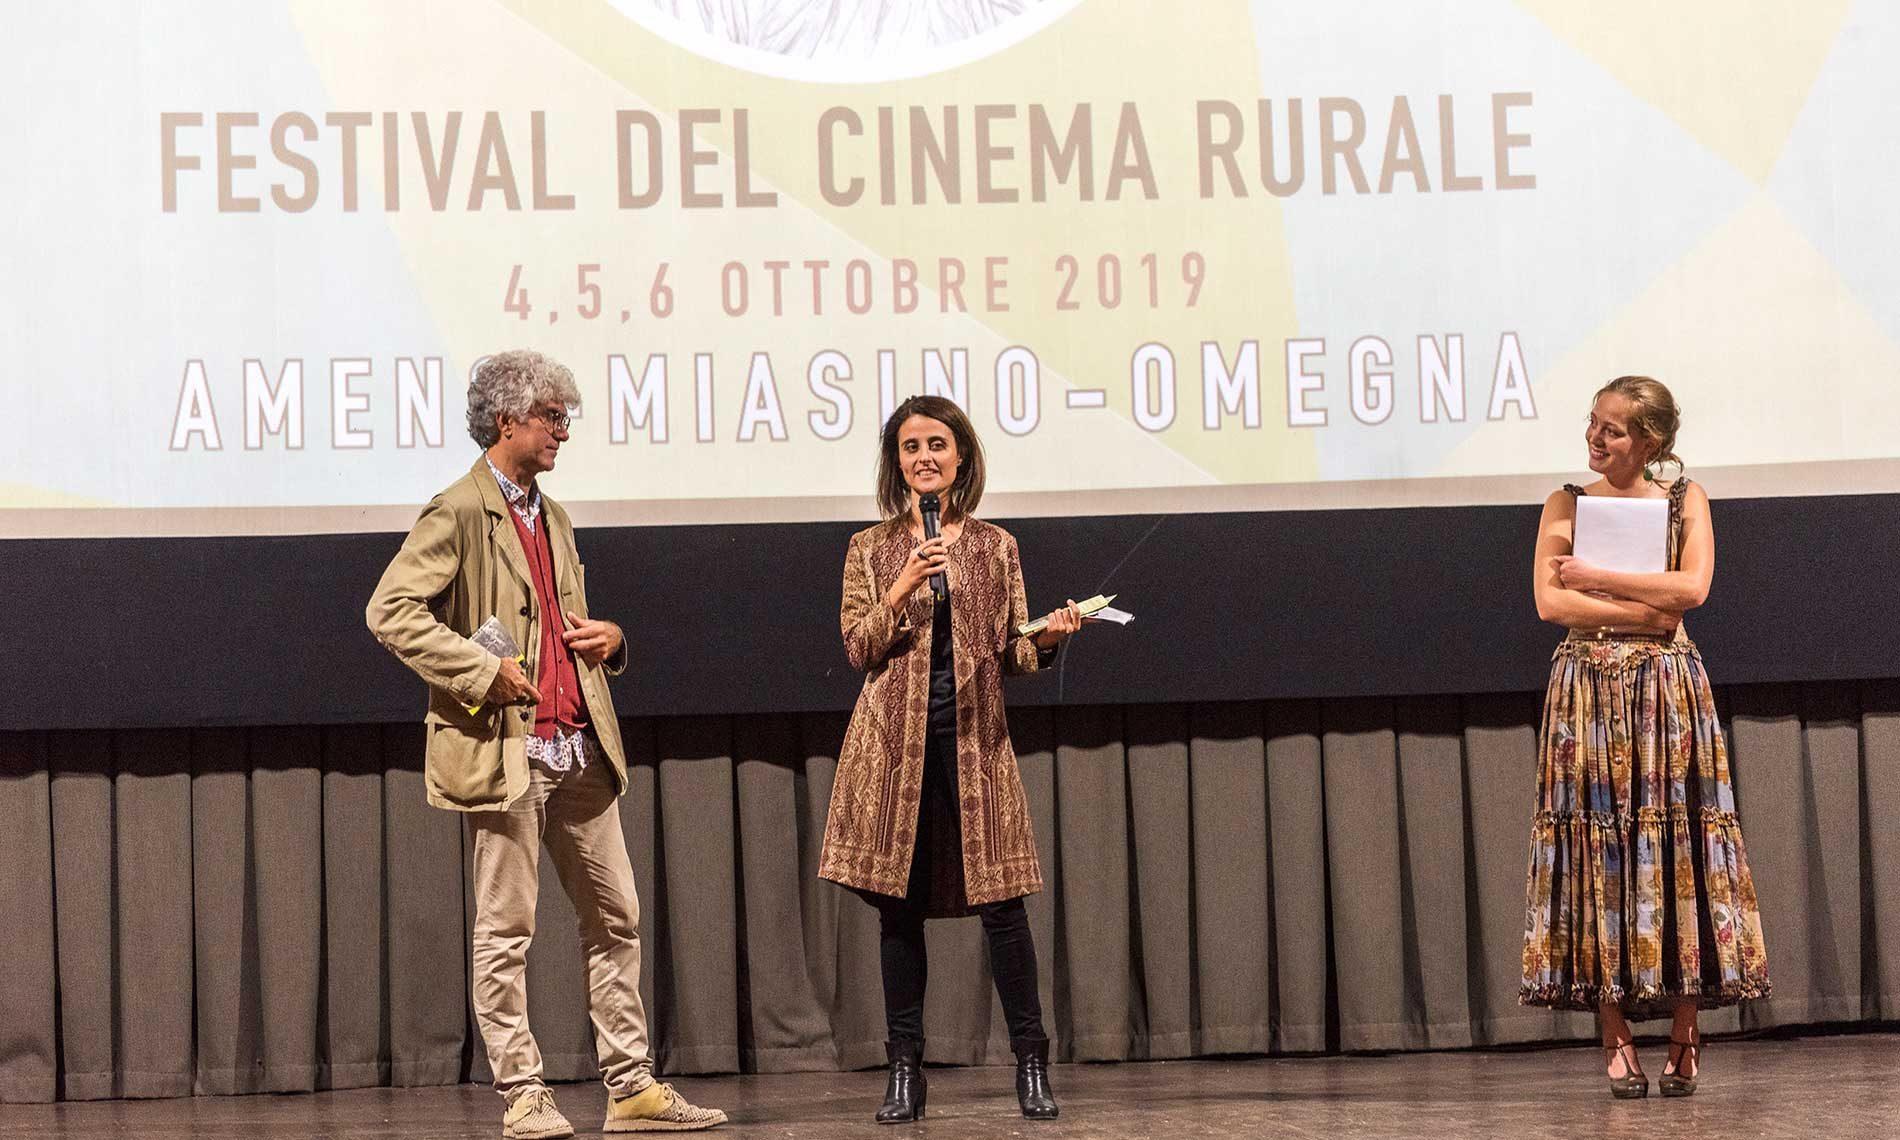 Al Cinema Sociale, Omegna